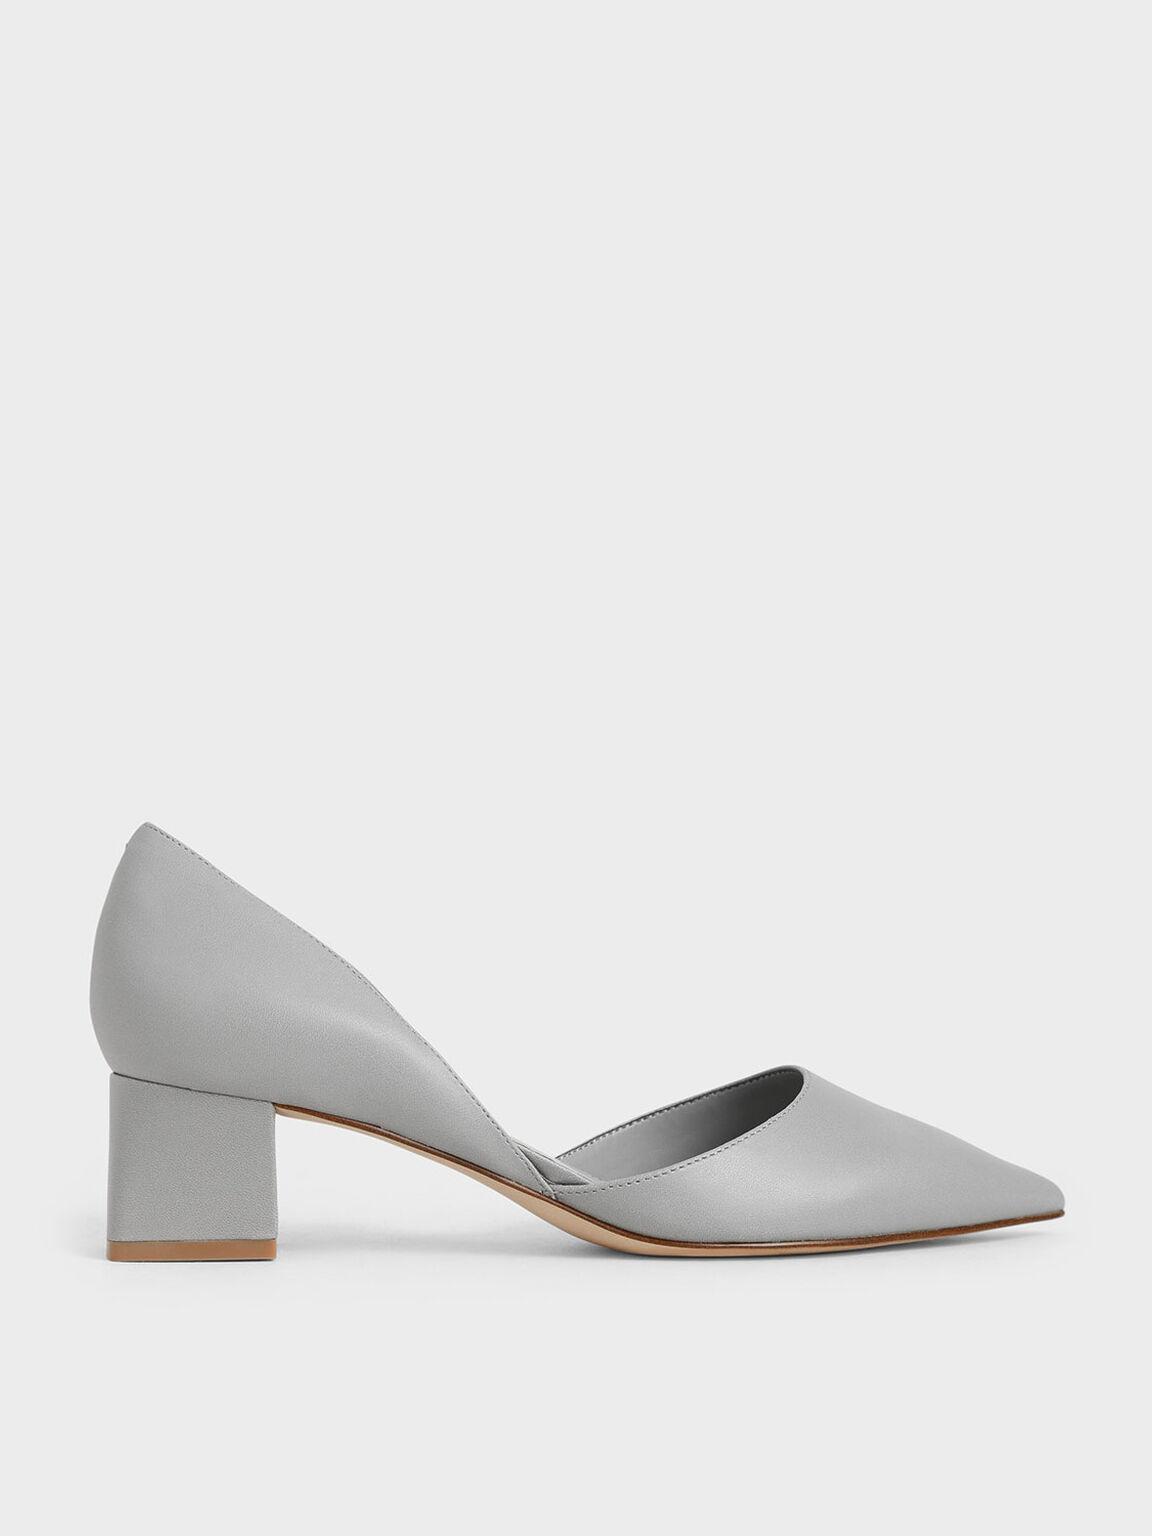 D'Orsay Block Heel Pumps, Grey, hi-res